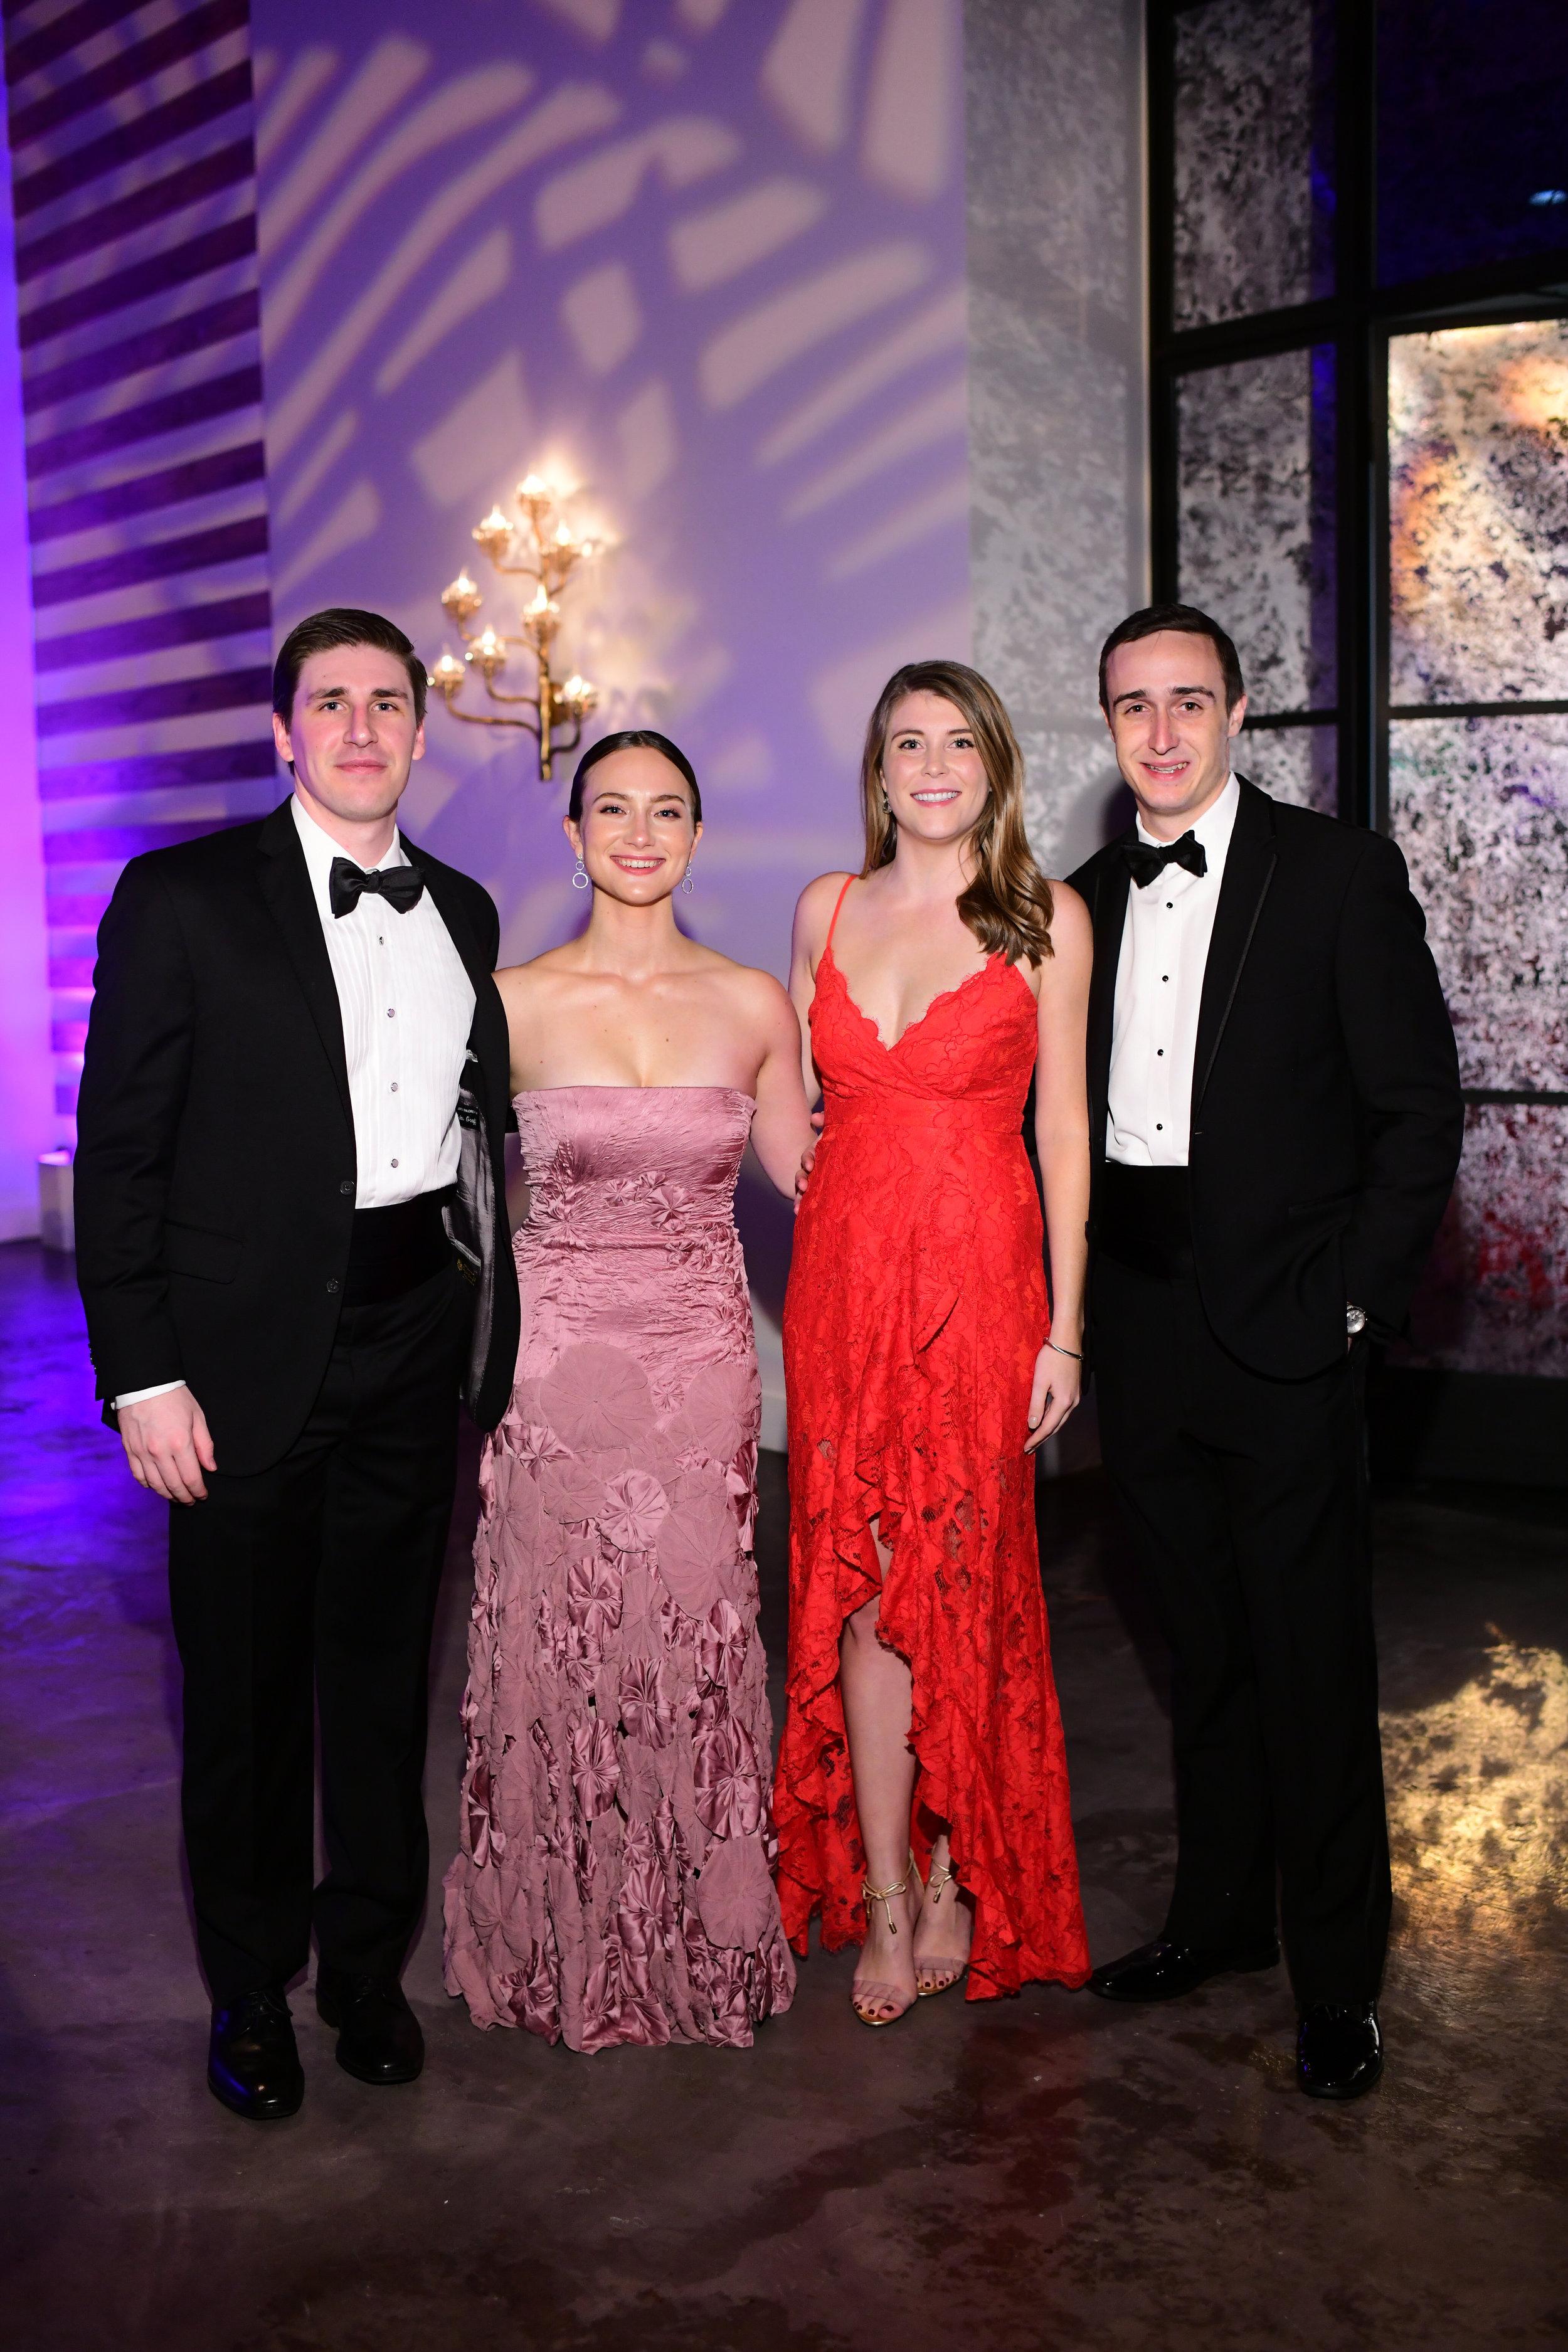 Brian Graff, Katherine Morille, Lauren Amos, Garrett Werner; Photo by Daniel Ortiz.jpg